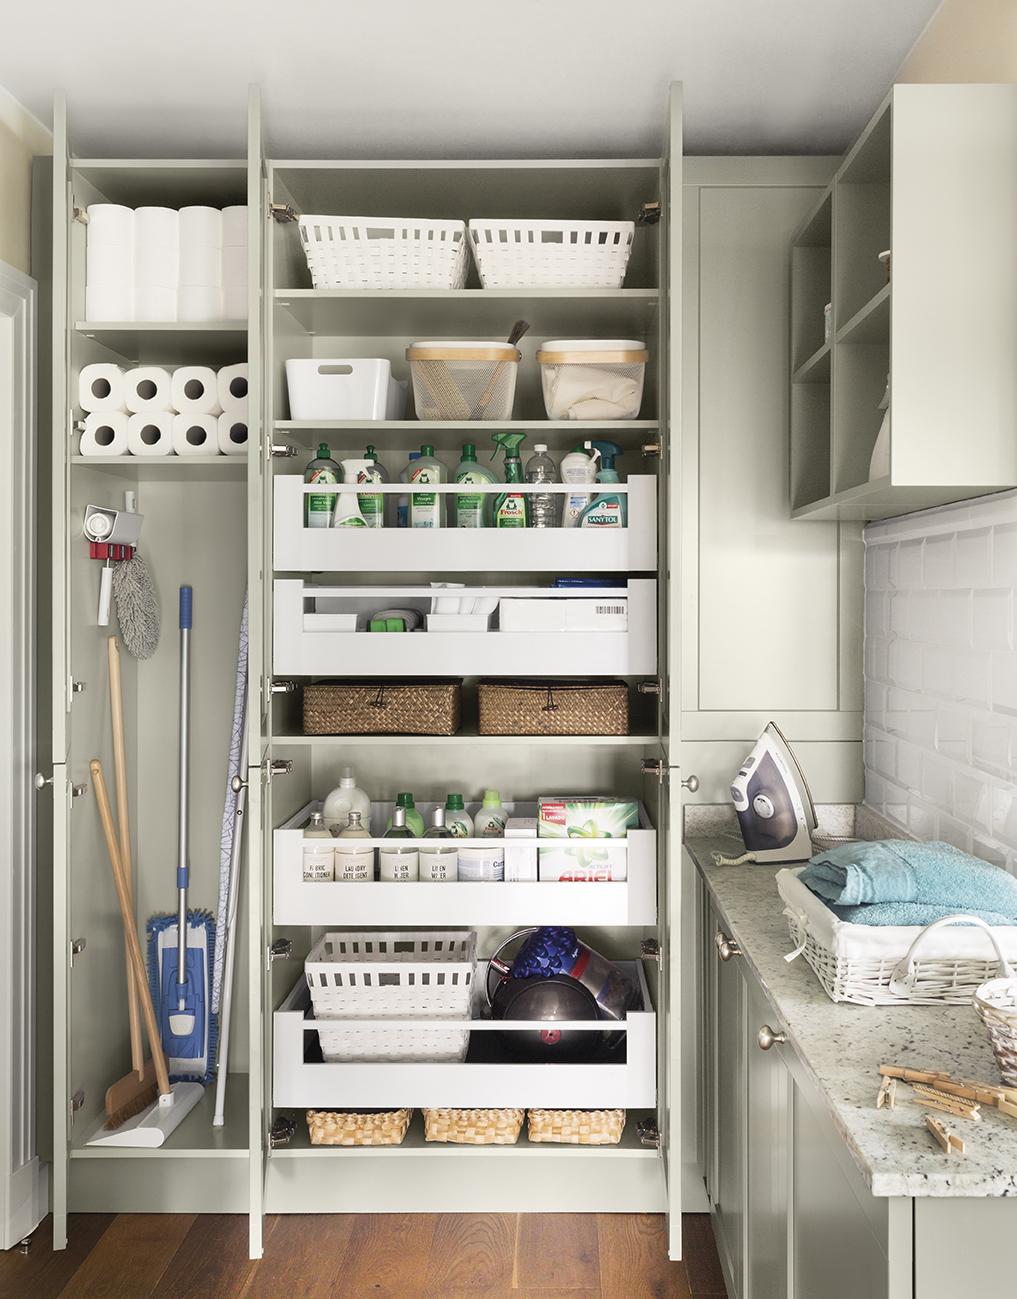 Ideas para ordenar la cocina - Ordenar armarios cocina ...